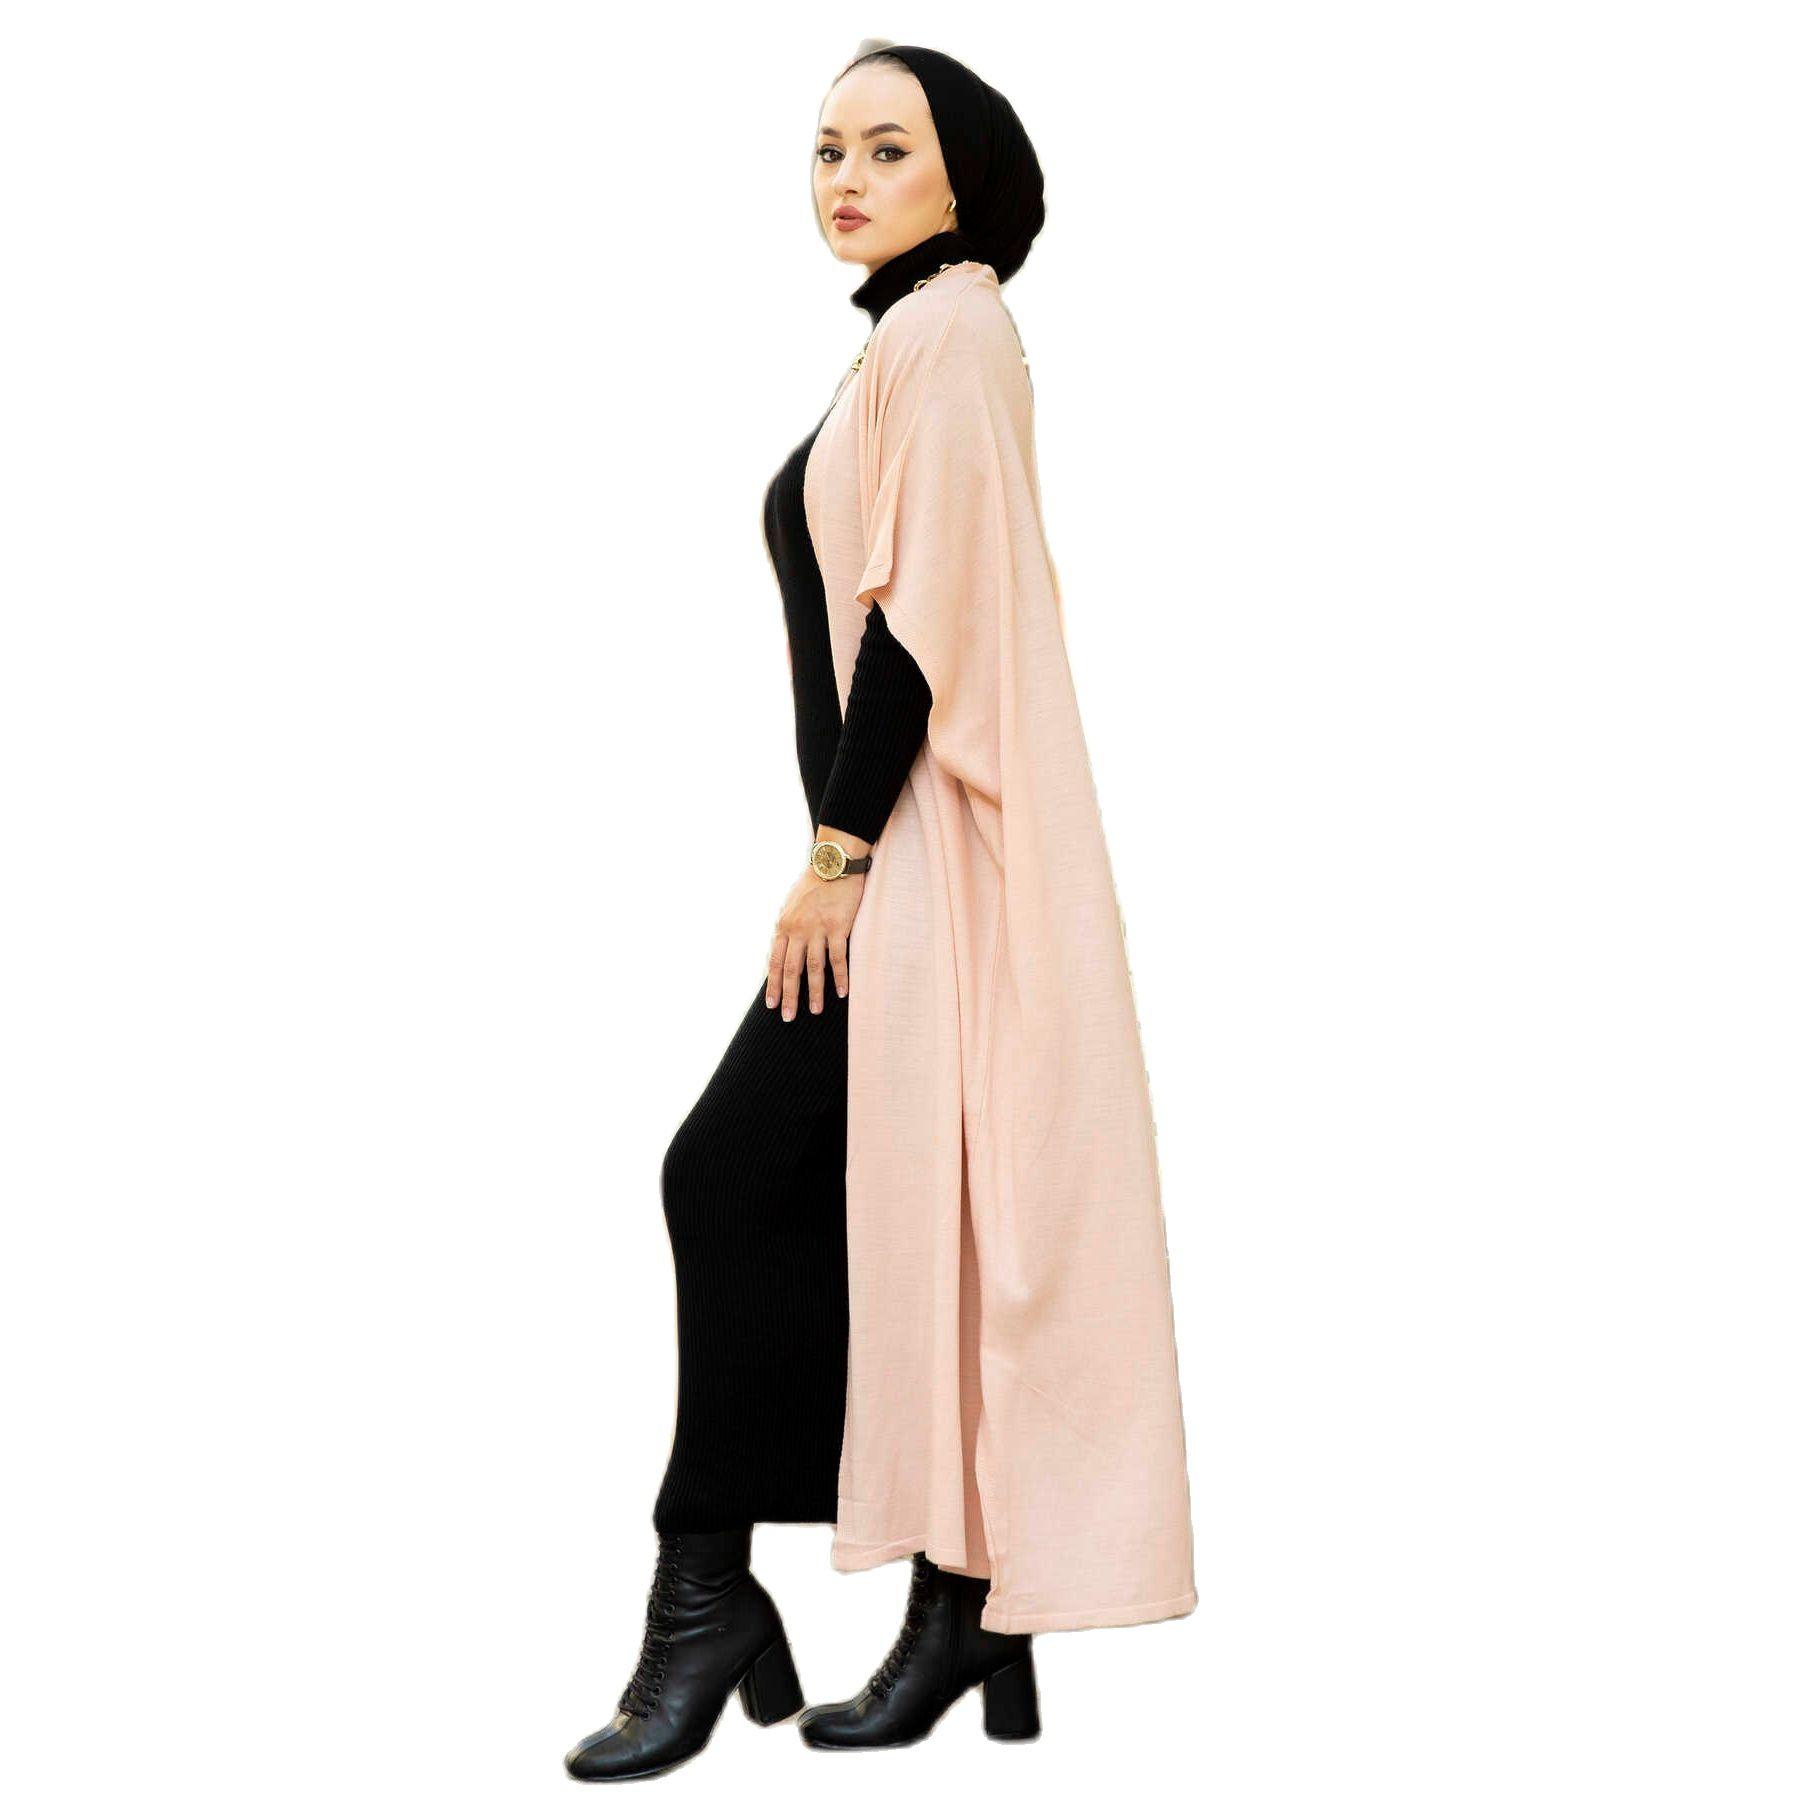 2 قطعة المرأة مجموعة الياقة المدورة فستان ماكسي و الخفافيش كم ماكسي كارديجان بدلة فاخرة ملابس مسلمة محبوك التركية جودة 2021